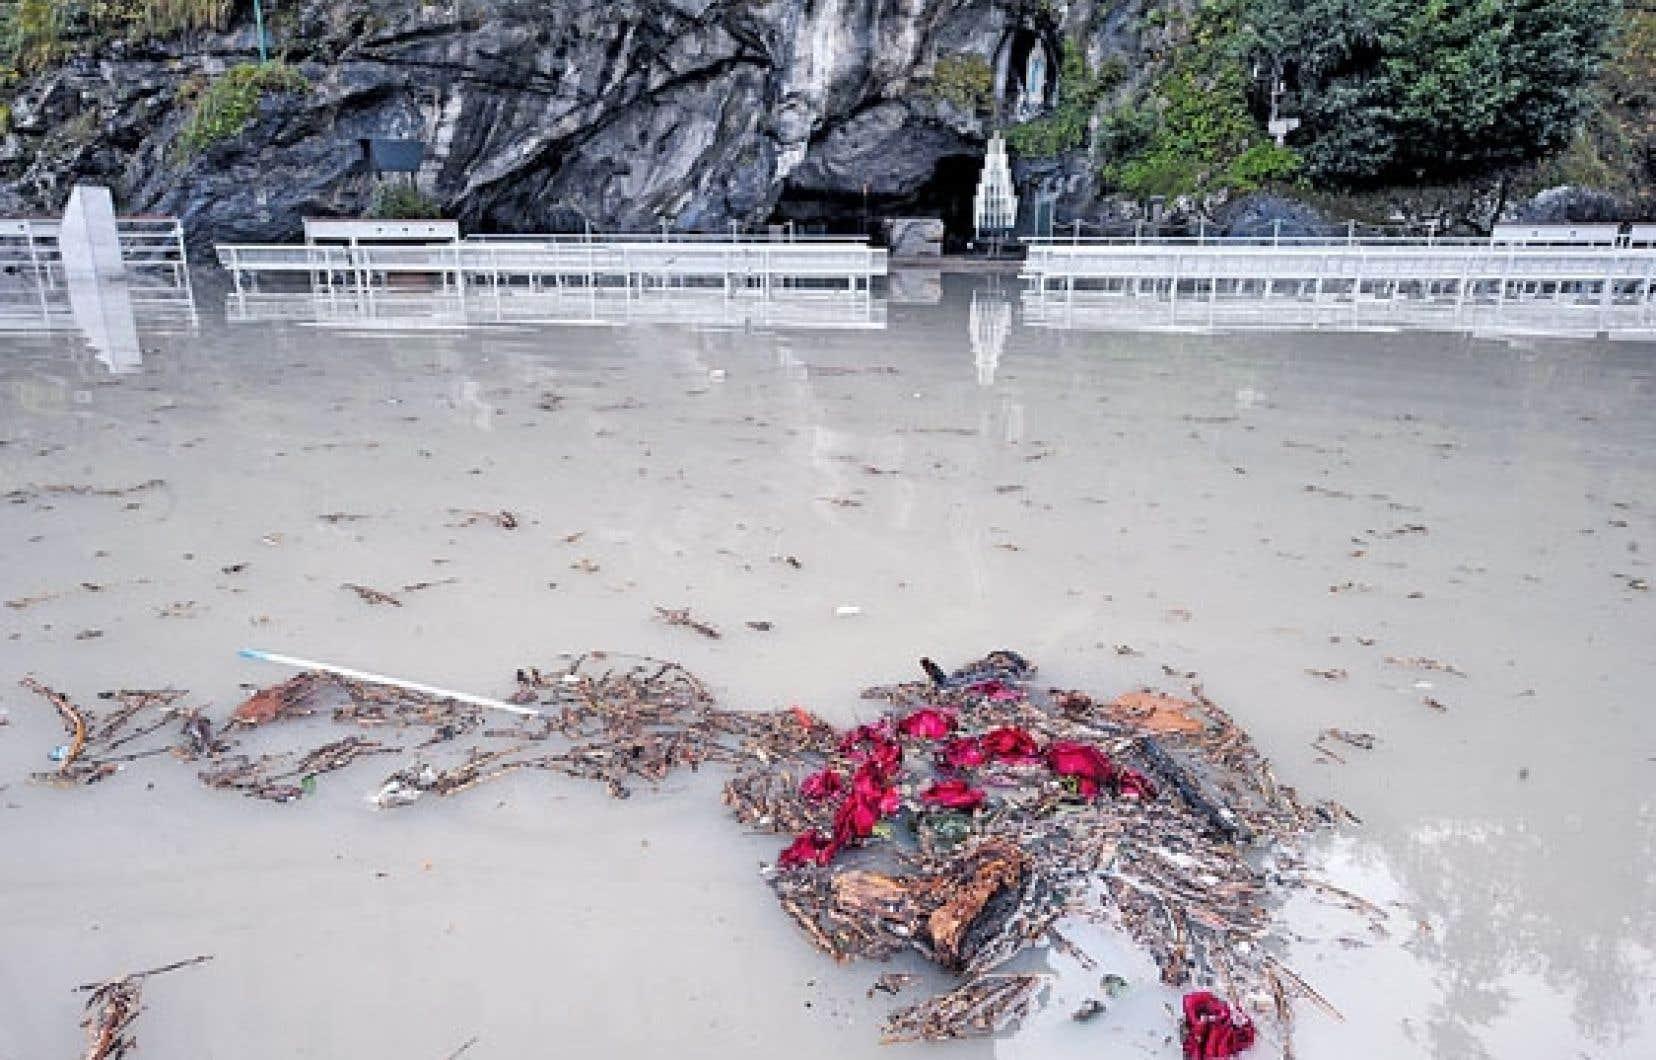 La grotte de Massabielle, où la Vierge serait apparue, était toujours inondée hier par les eaux gonflées du gave de Pau.